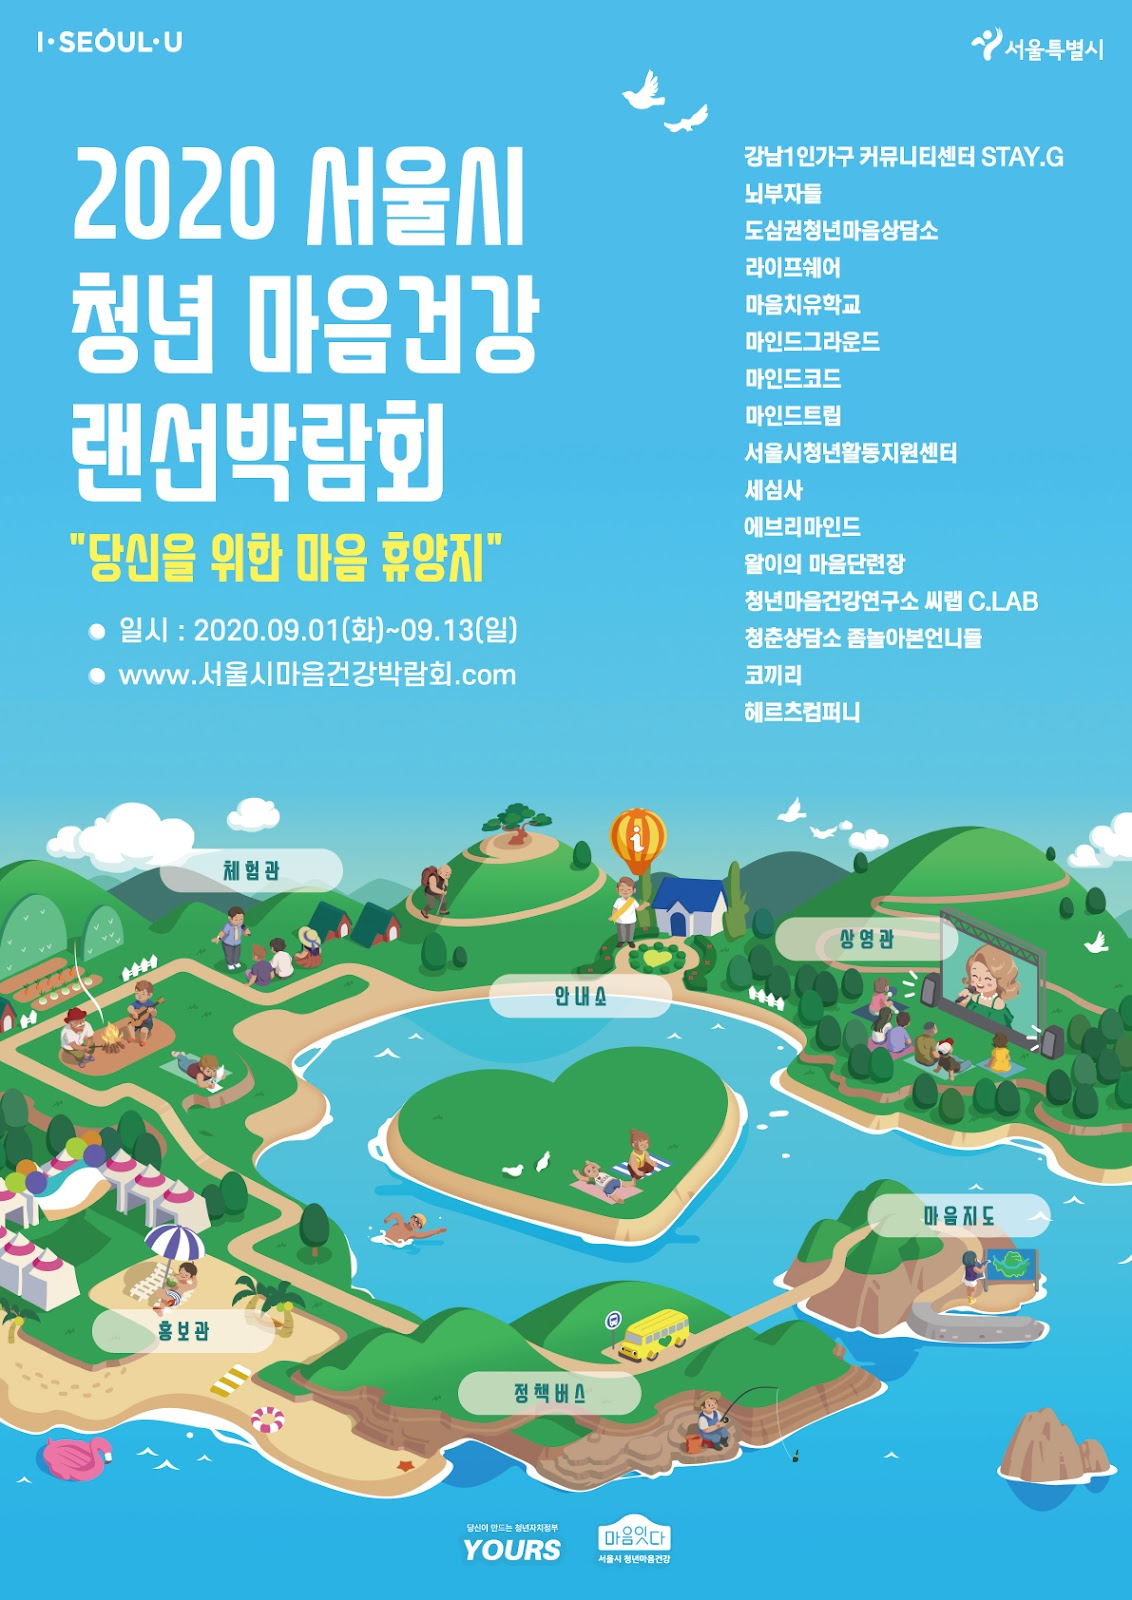 2020 서울시 청년 마음건강 랜선박람회 공식 포스터 ©서울시청년마음건강랜선박람회